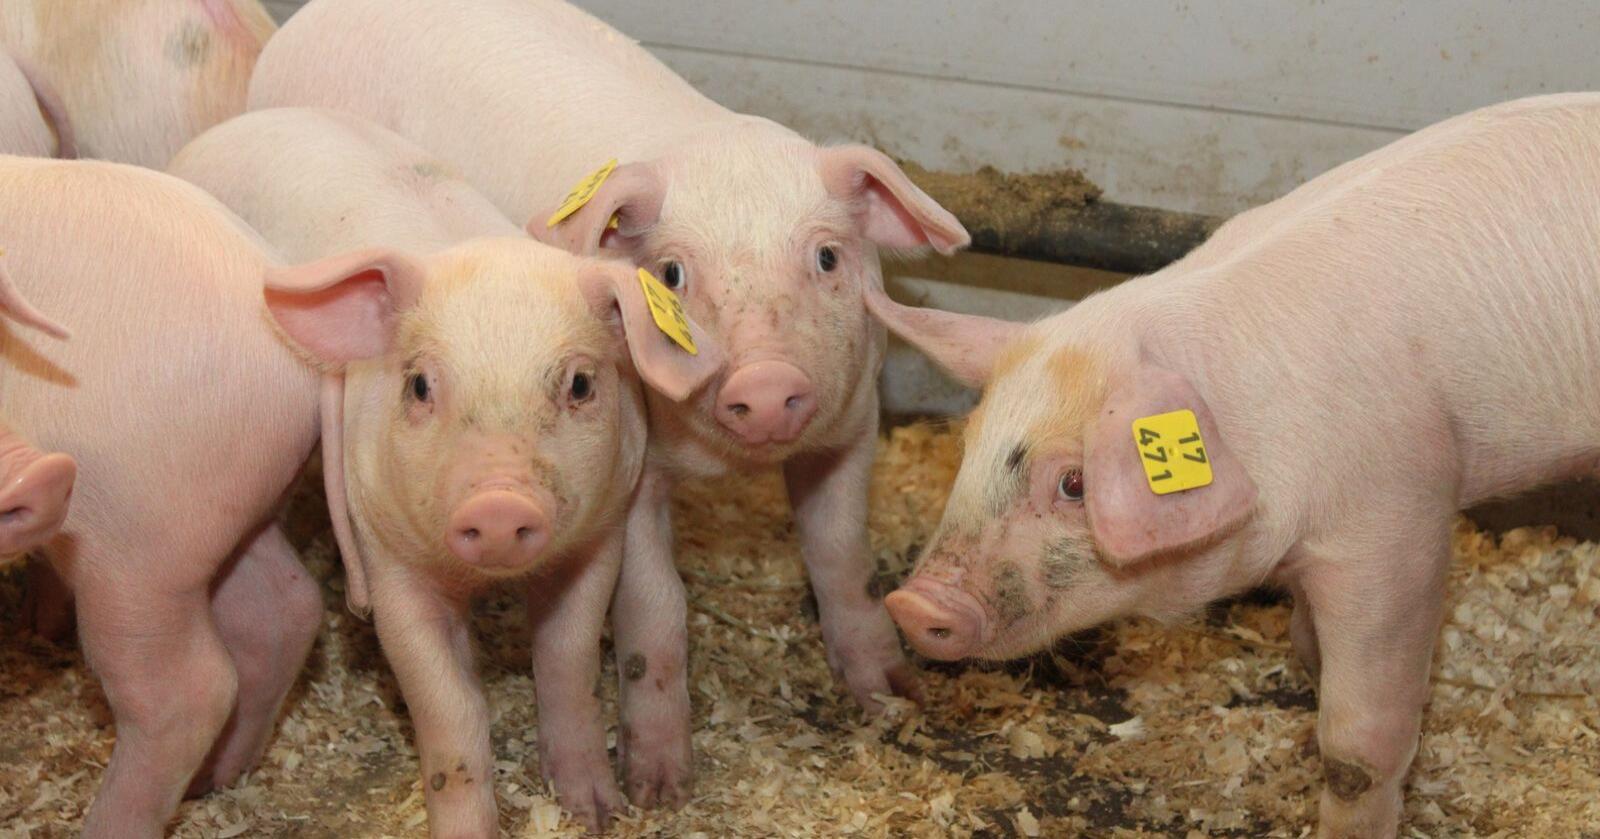 Kinas etterspørsel etter avlsdyr for å bygge opp sin svineproduksjon blir beskrevet som umettelig.